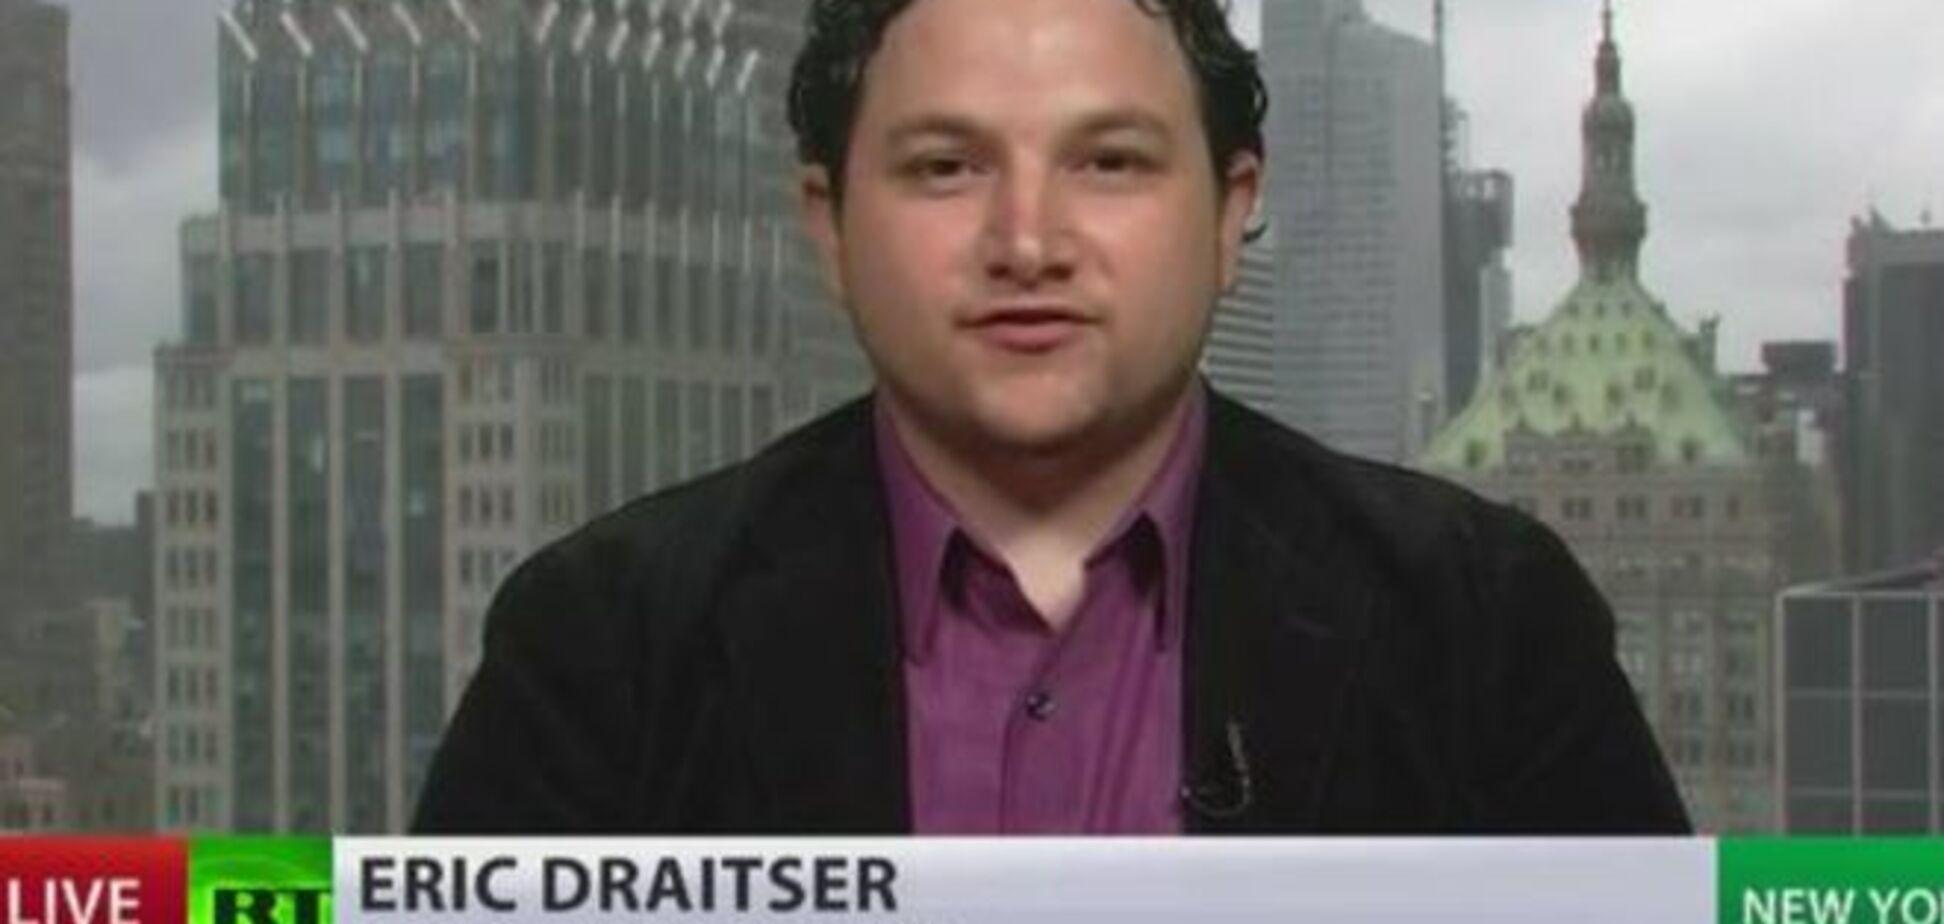 'Фокусники' из росСМИ 'превратили' торговца из США в политолога: фотодоказательства